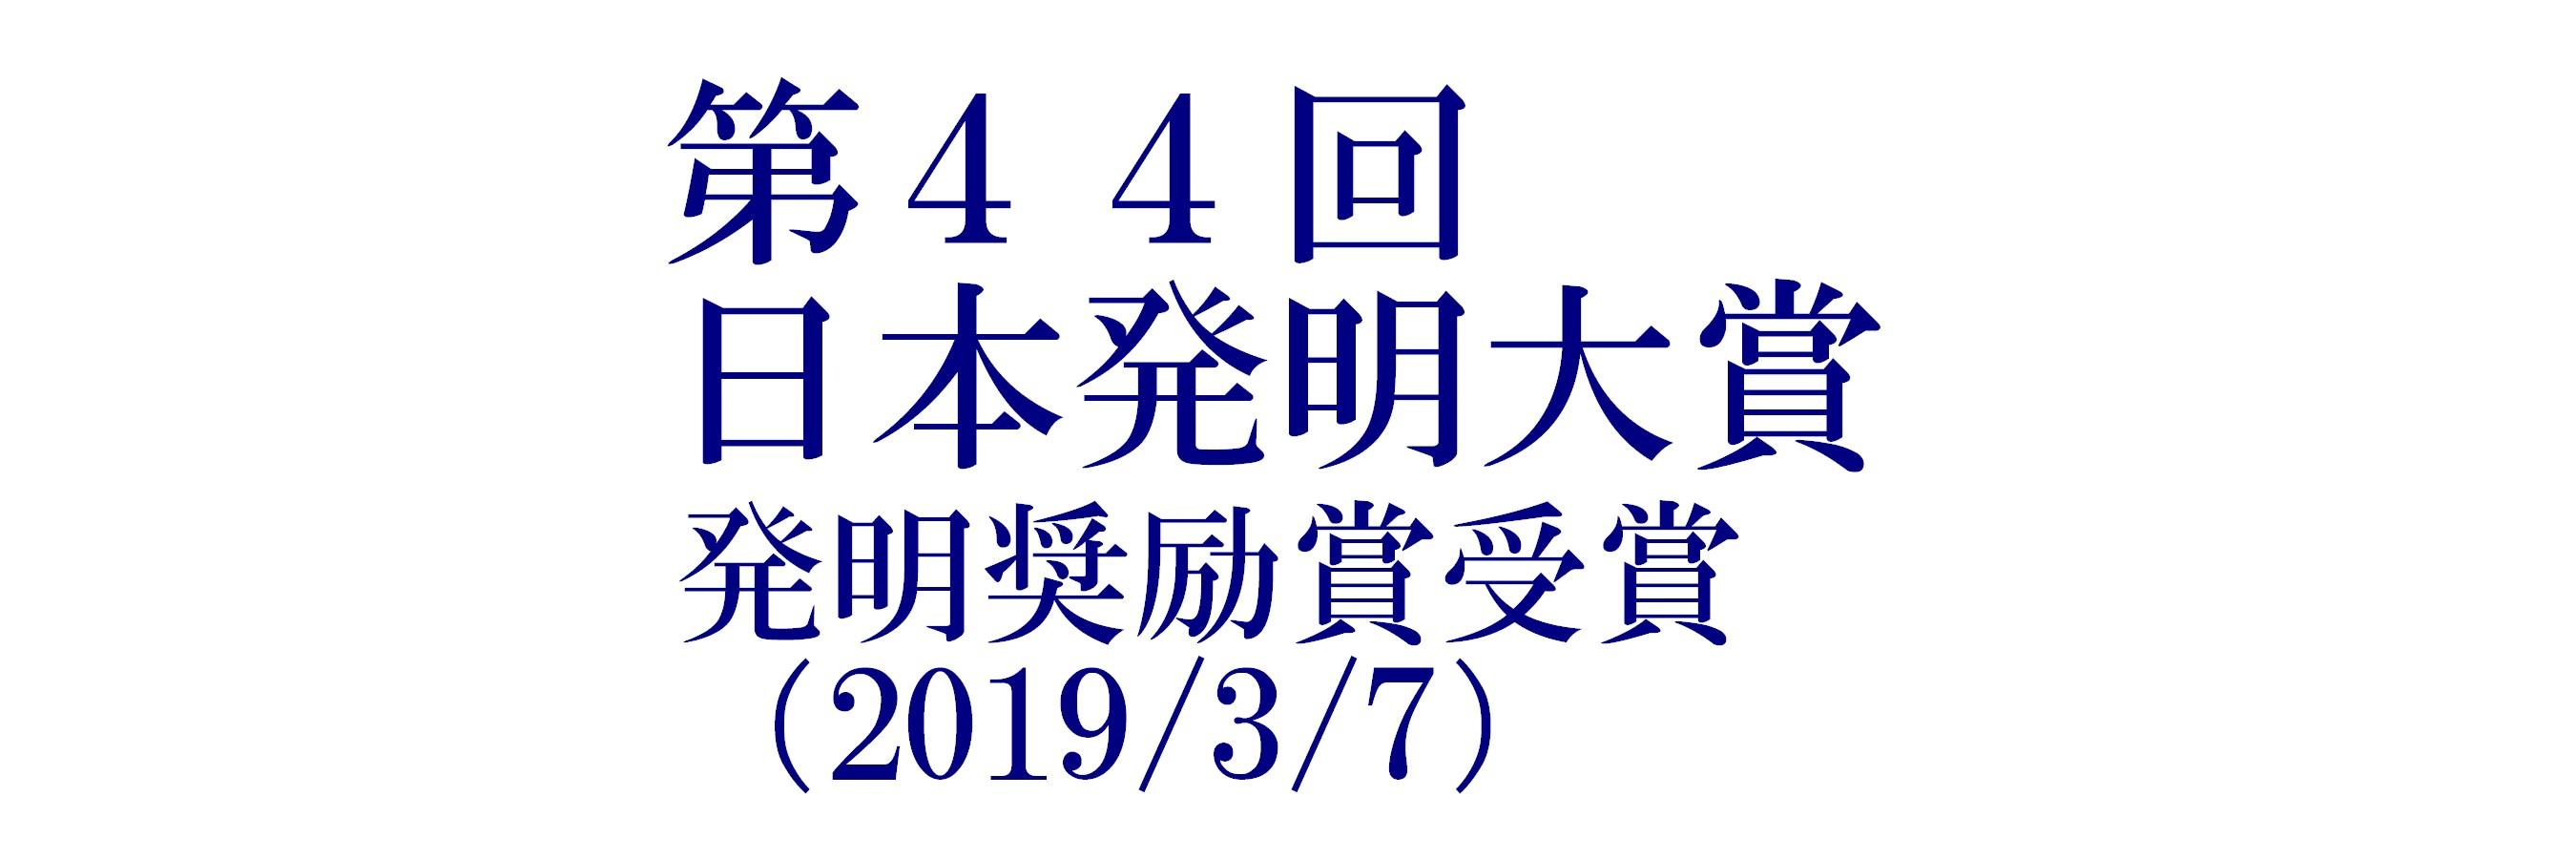 第44回 日本発明大賞 発明奨励賞(2019.3)受賞